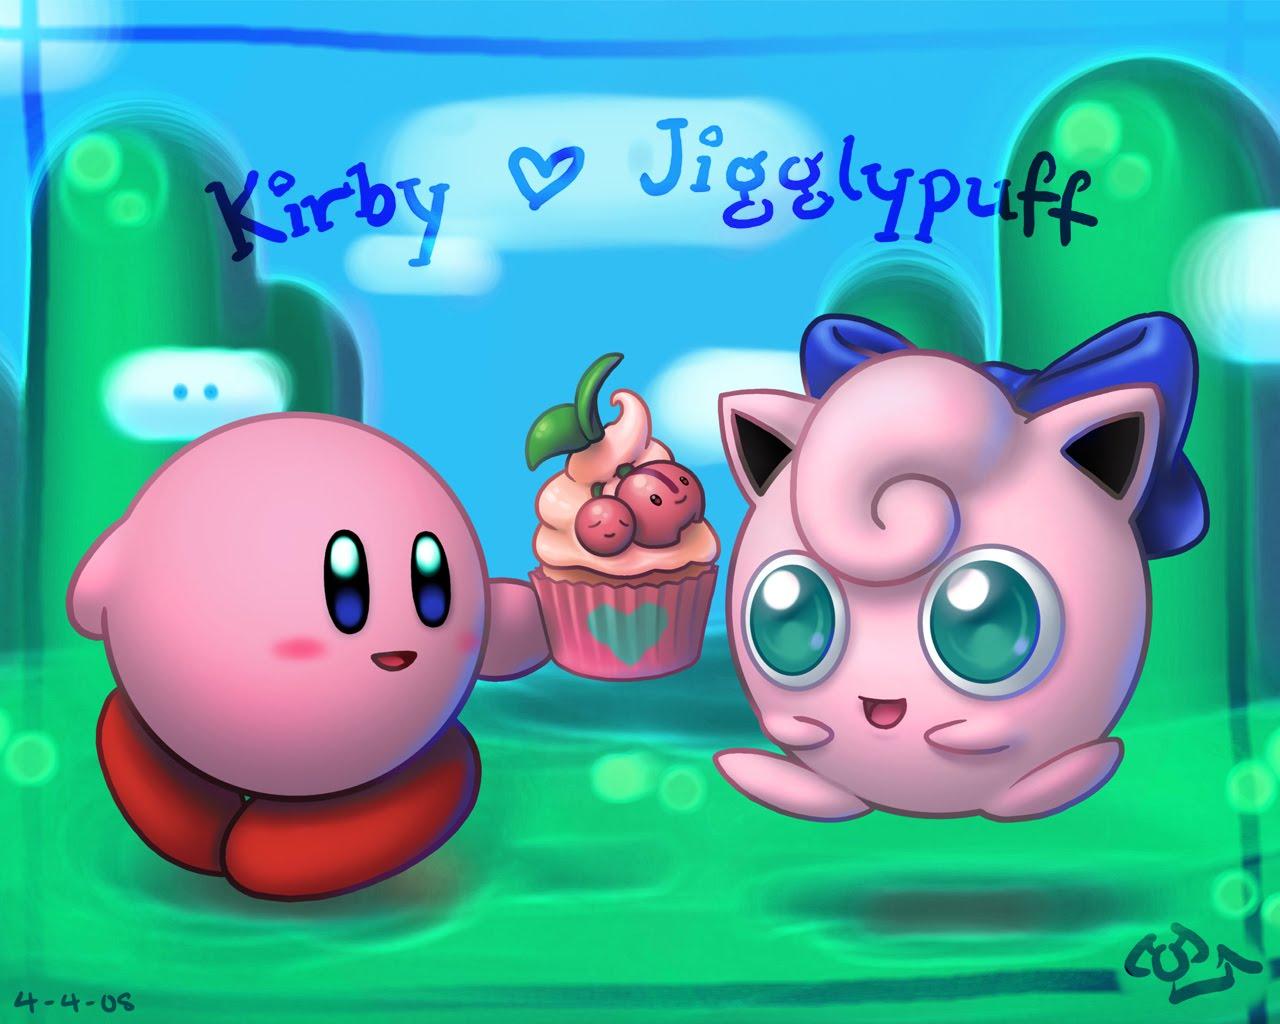 http://4.bp.blogspot.com/_oOslc4_QvRs/TDHdY-sVgtI/AAAAAAAAALw/rqCJzDEUOJQ/s1600/Kirby_x_Jigglypuff___wallpaper_by_K_6.jpg